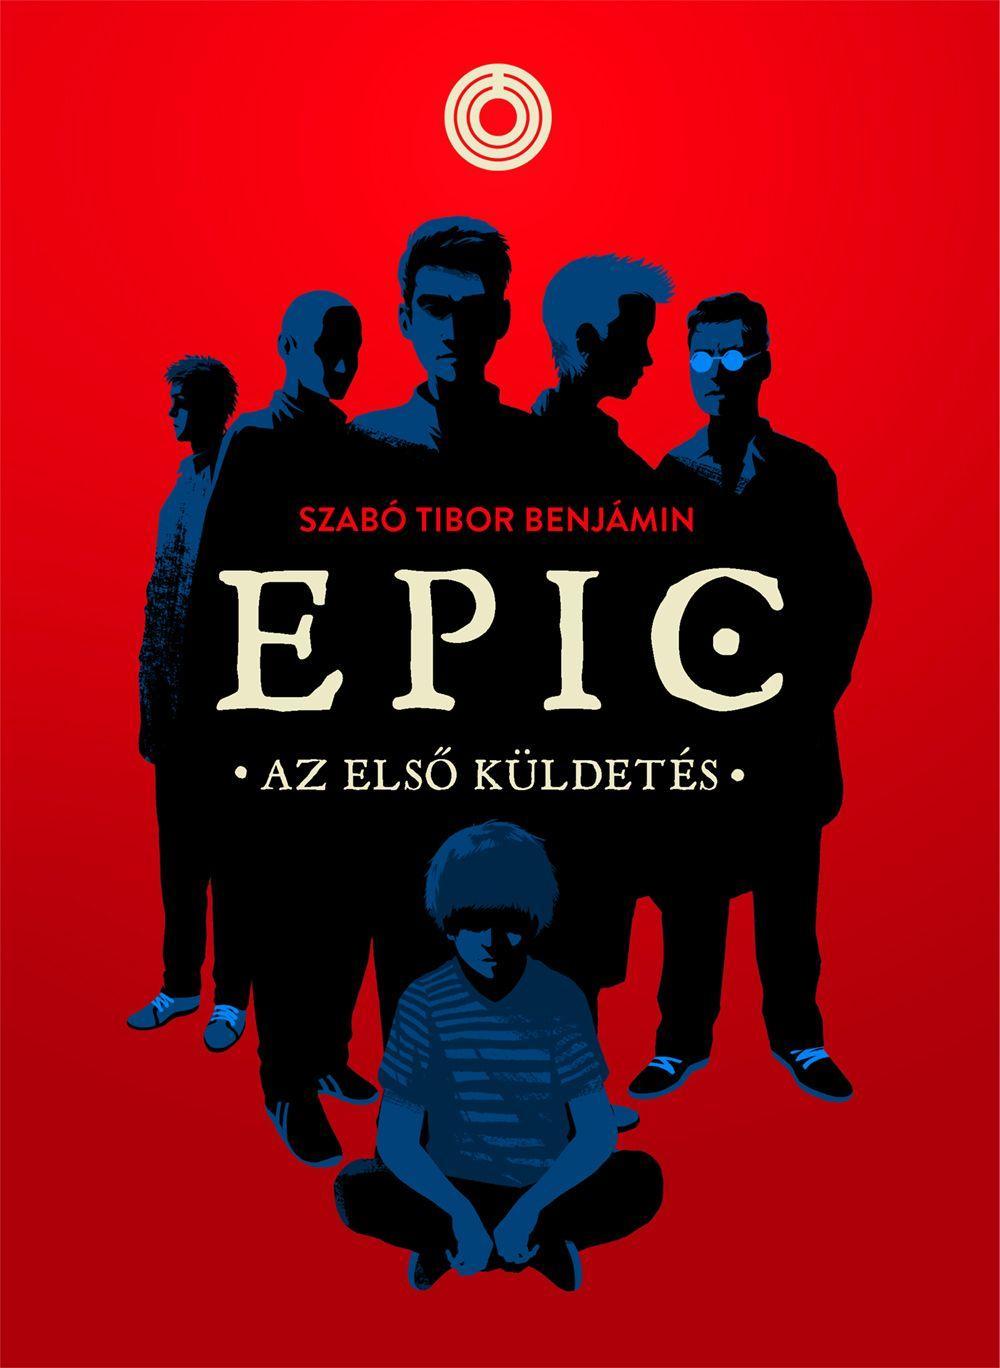 szabo_tibor_benjamin_epic_cover.jpg